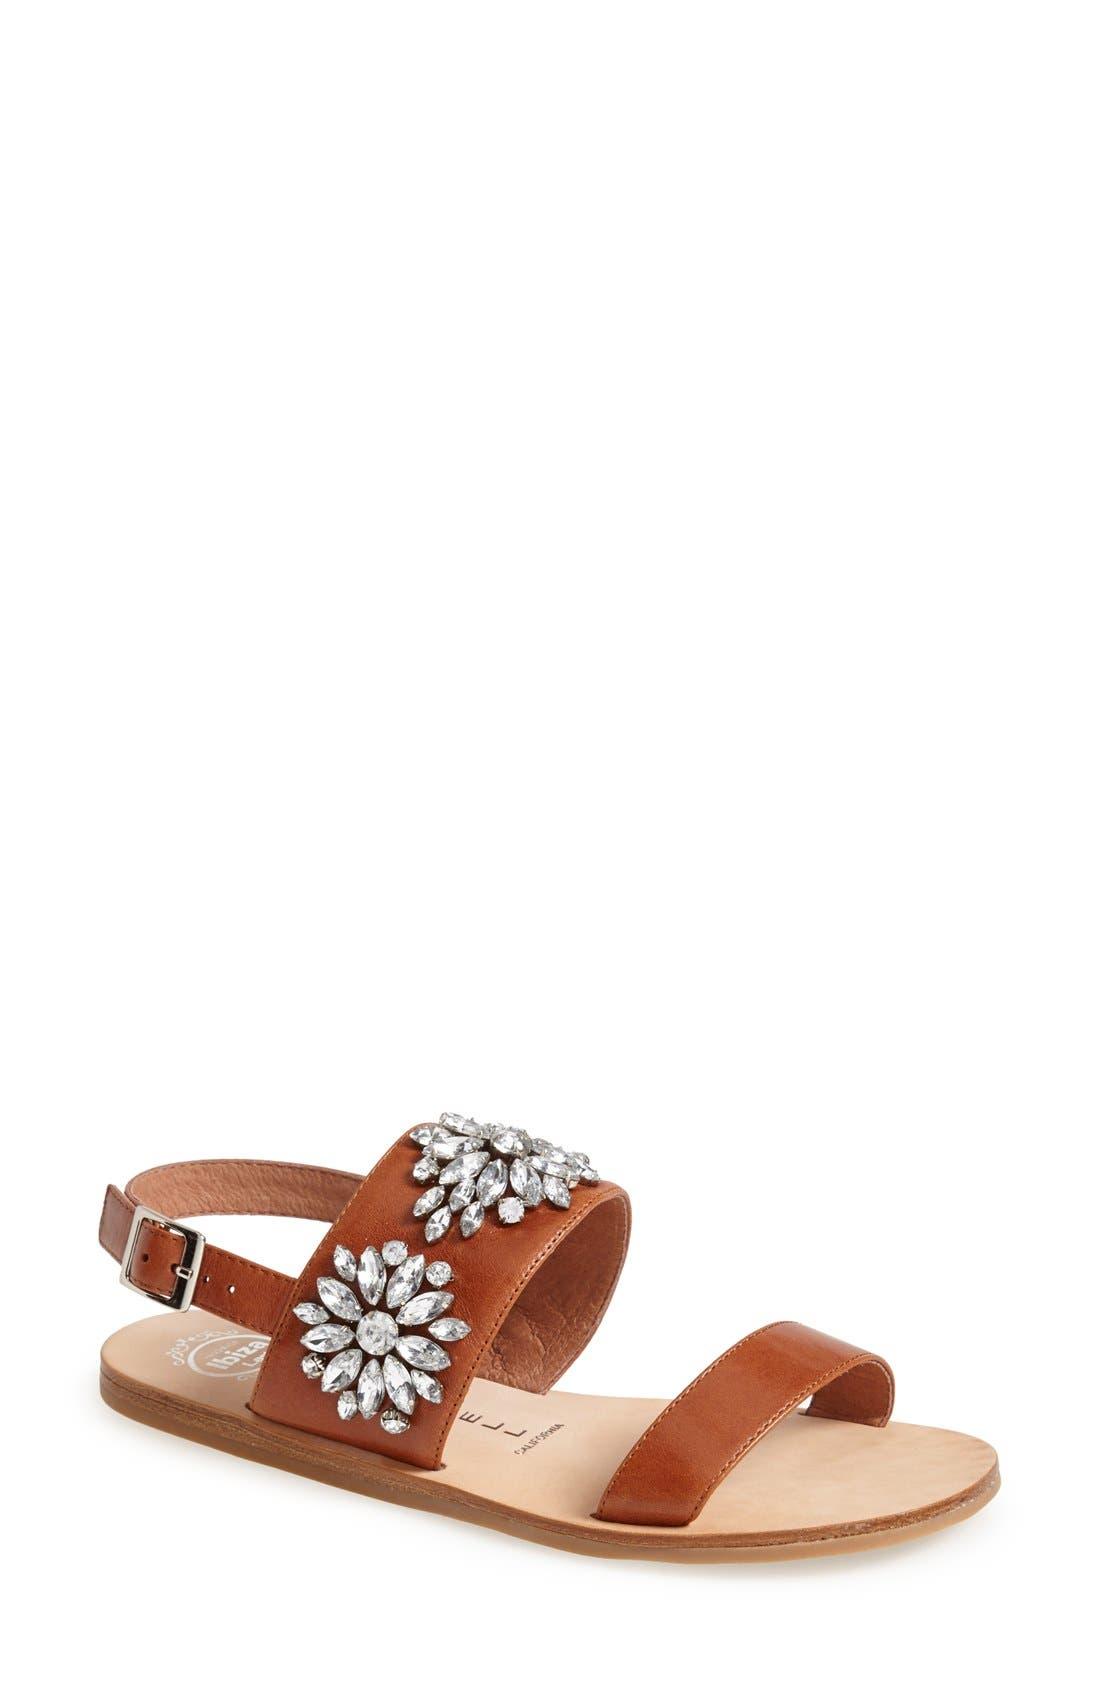 Main Image - Jeffrey Campbell 'Dola' Jeweled Leather Sandal (Women)